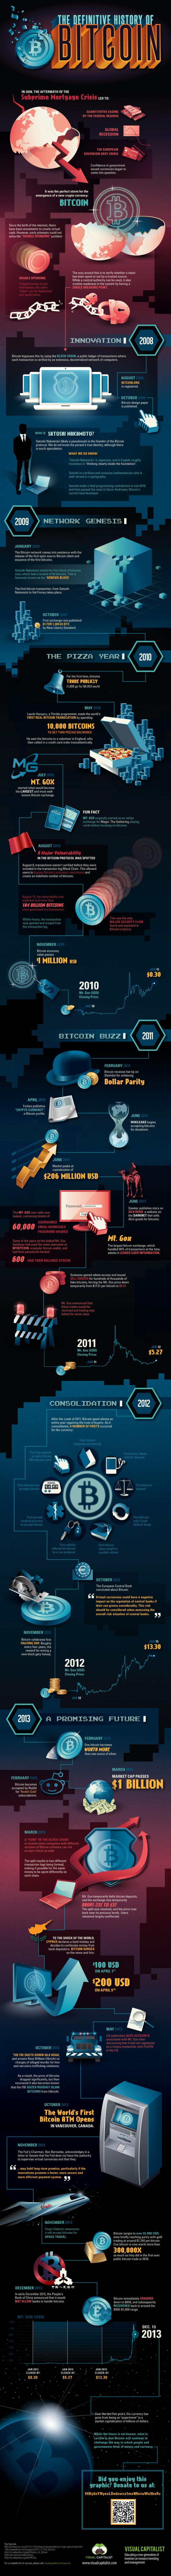 The Definitive History of Bitcoin - Crypto Radio